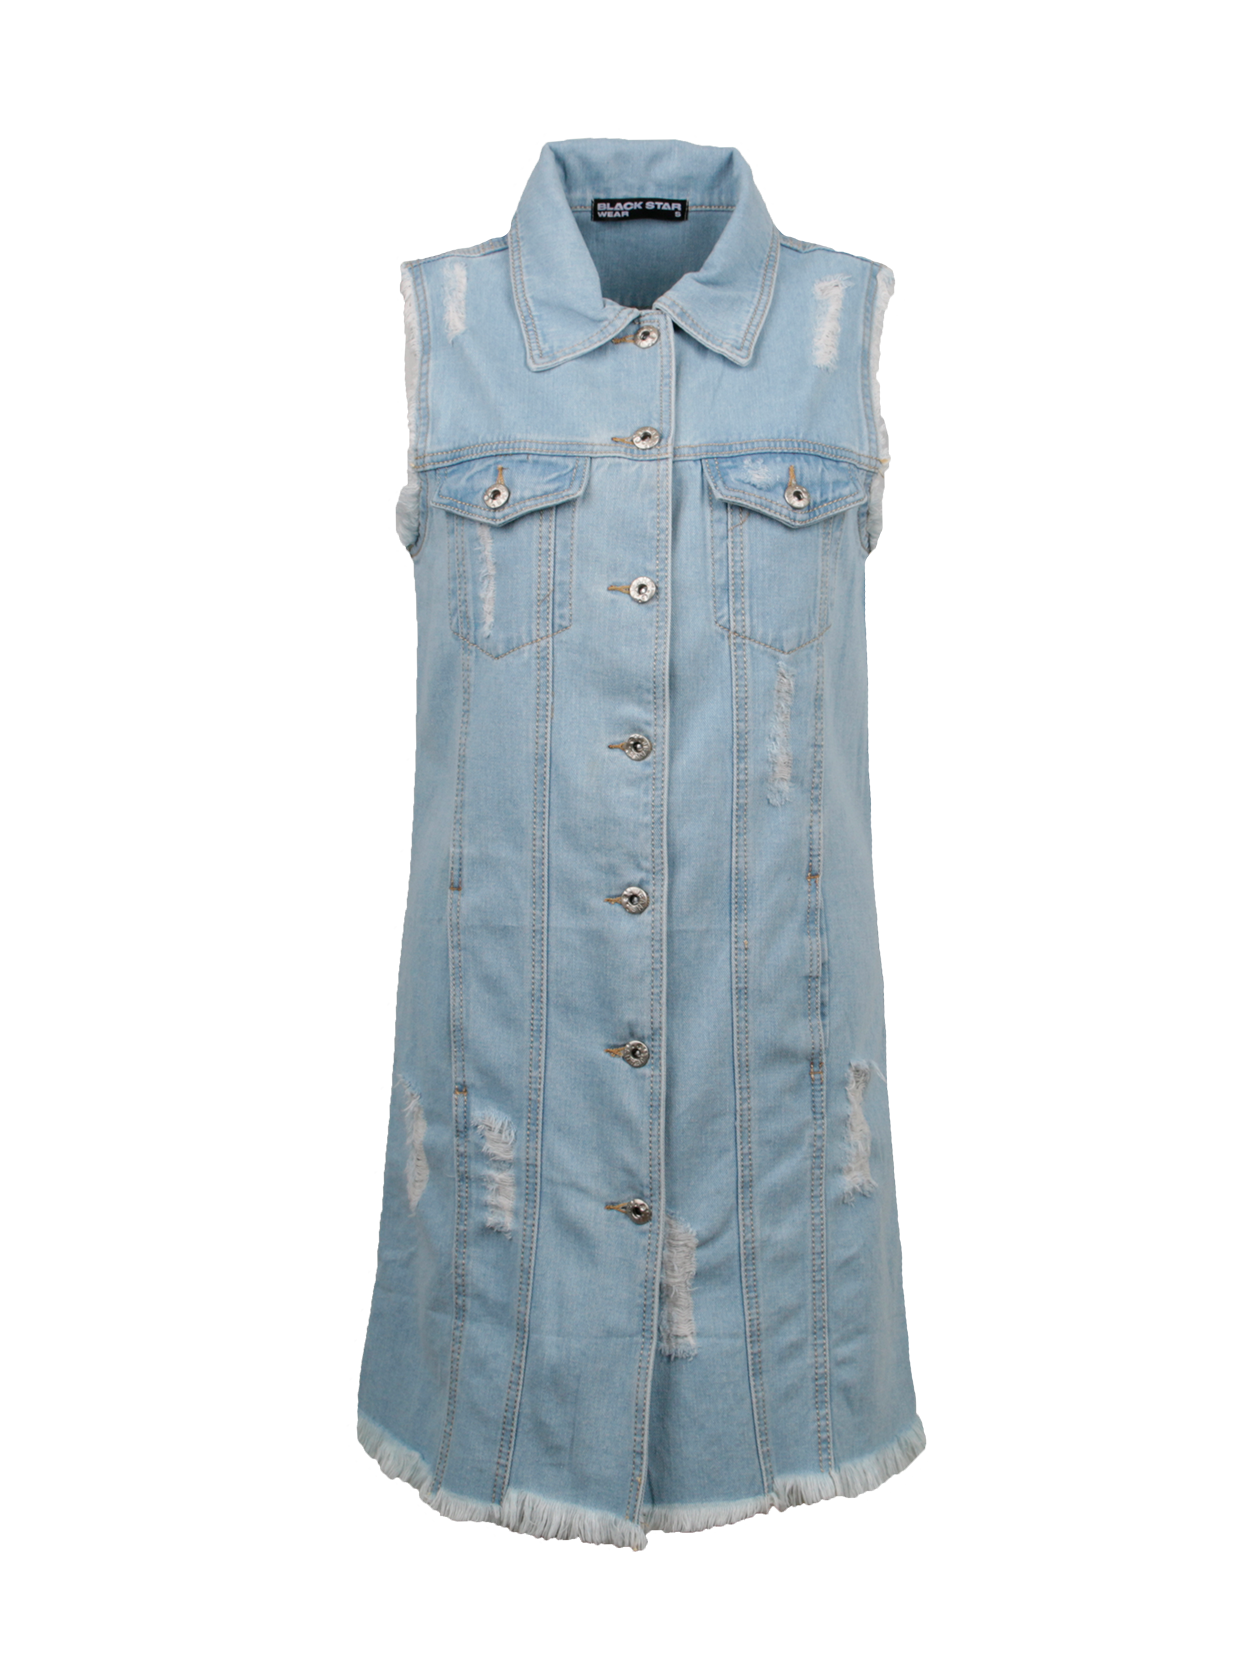 Куртка джинсовая женская HOT 13 DENIMКуртка джинсовая женская Hot 13 Denim – актуальный тренд для любого сезона. Стильная модель удлиненного прямого кроя без рукавов. Рубашечный воротник с логотипом Black Star Wear внутри, большие накладные карманы на груди. Изделие дополнено качественной фурнитурой, принтом с цифрой 13 на спине. В качестве застежки представлены крупные металлические пуговицы. В дизайне применены декоративные вертикальные швы, потертости. Куртка сшита из высококачественного денима популярной светло-голубой расцветки.<br><br>Размер: XL<br>Цвет: Голубой<br>Пол: Женский